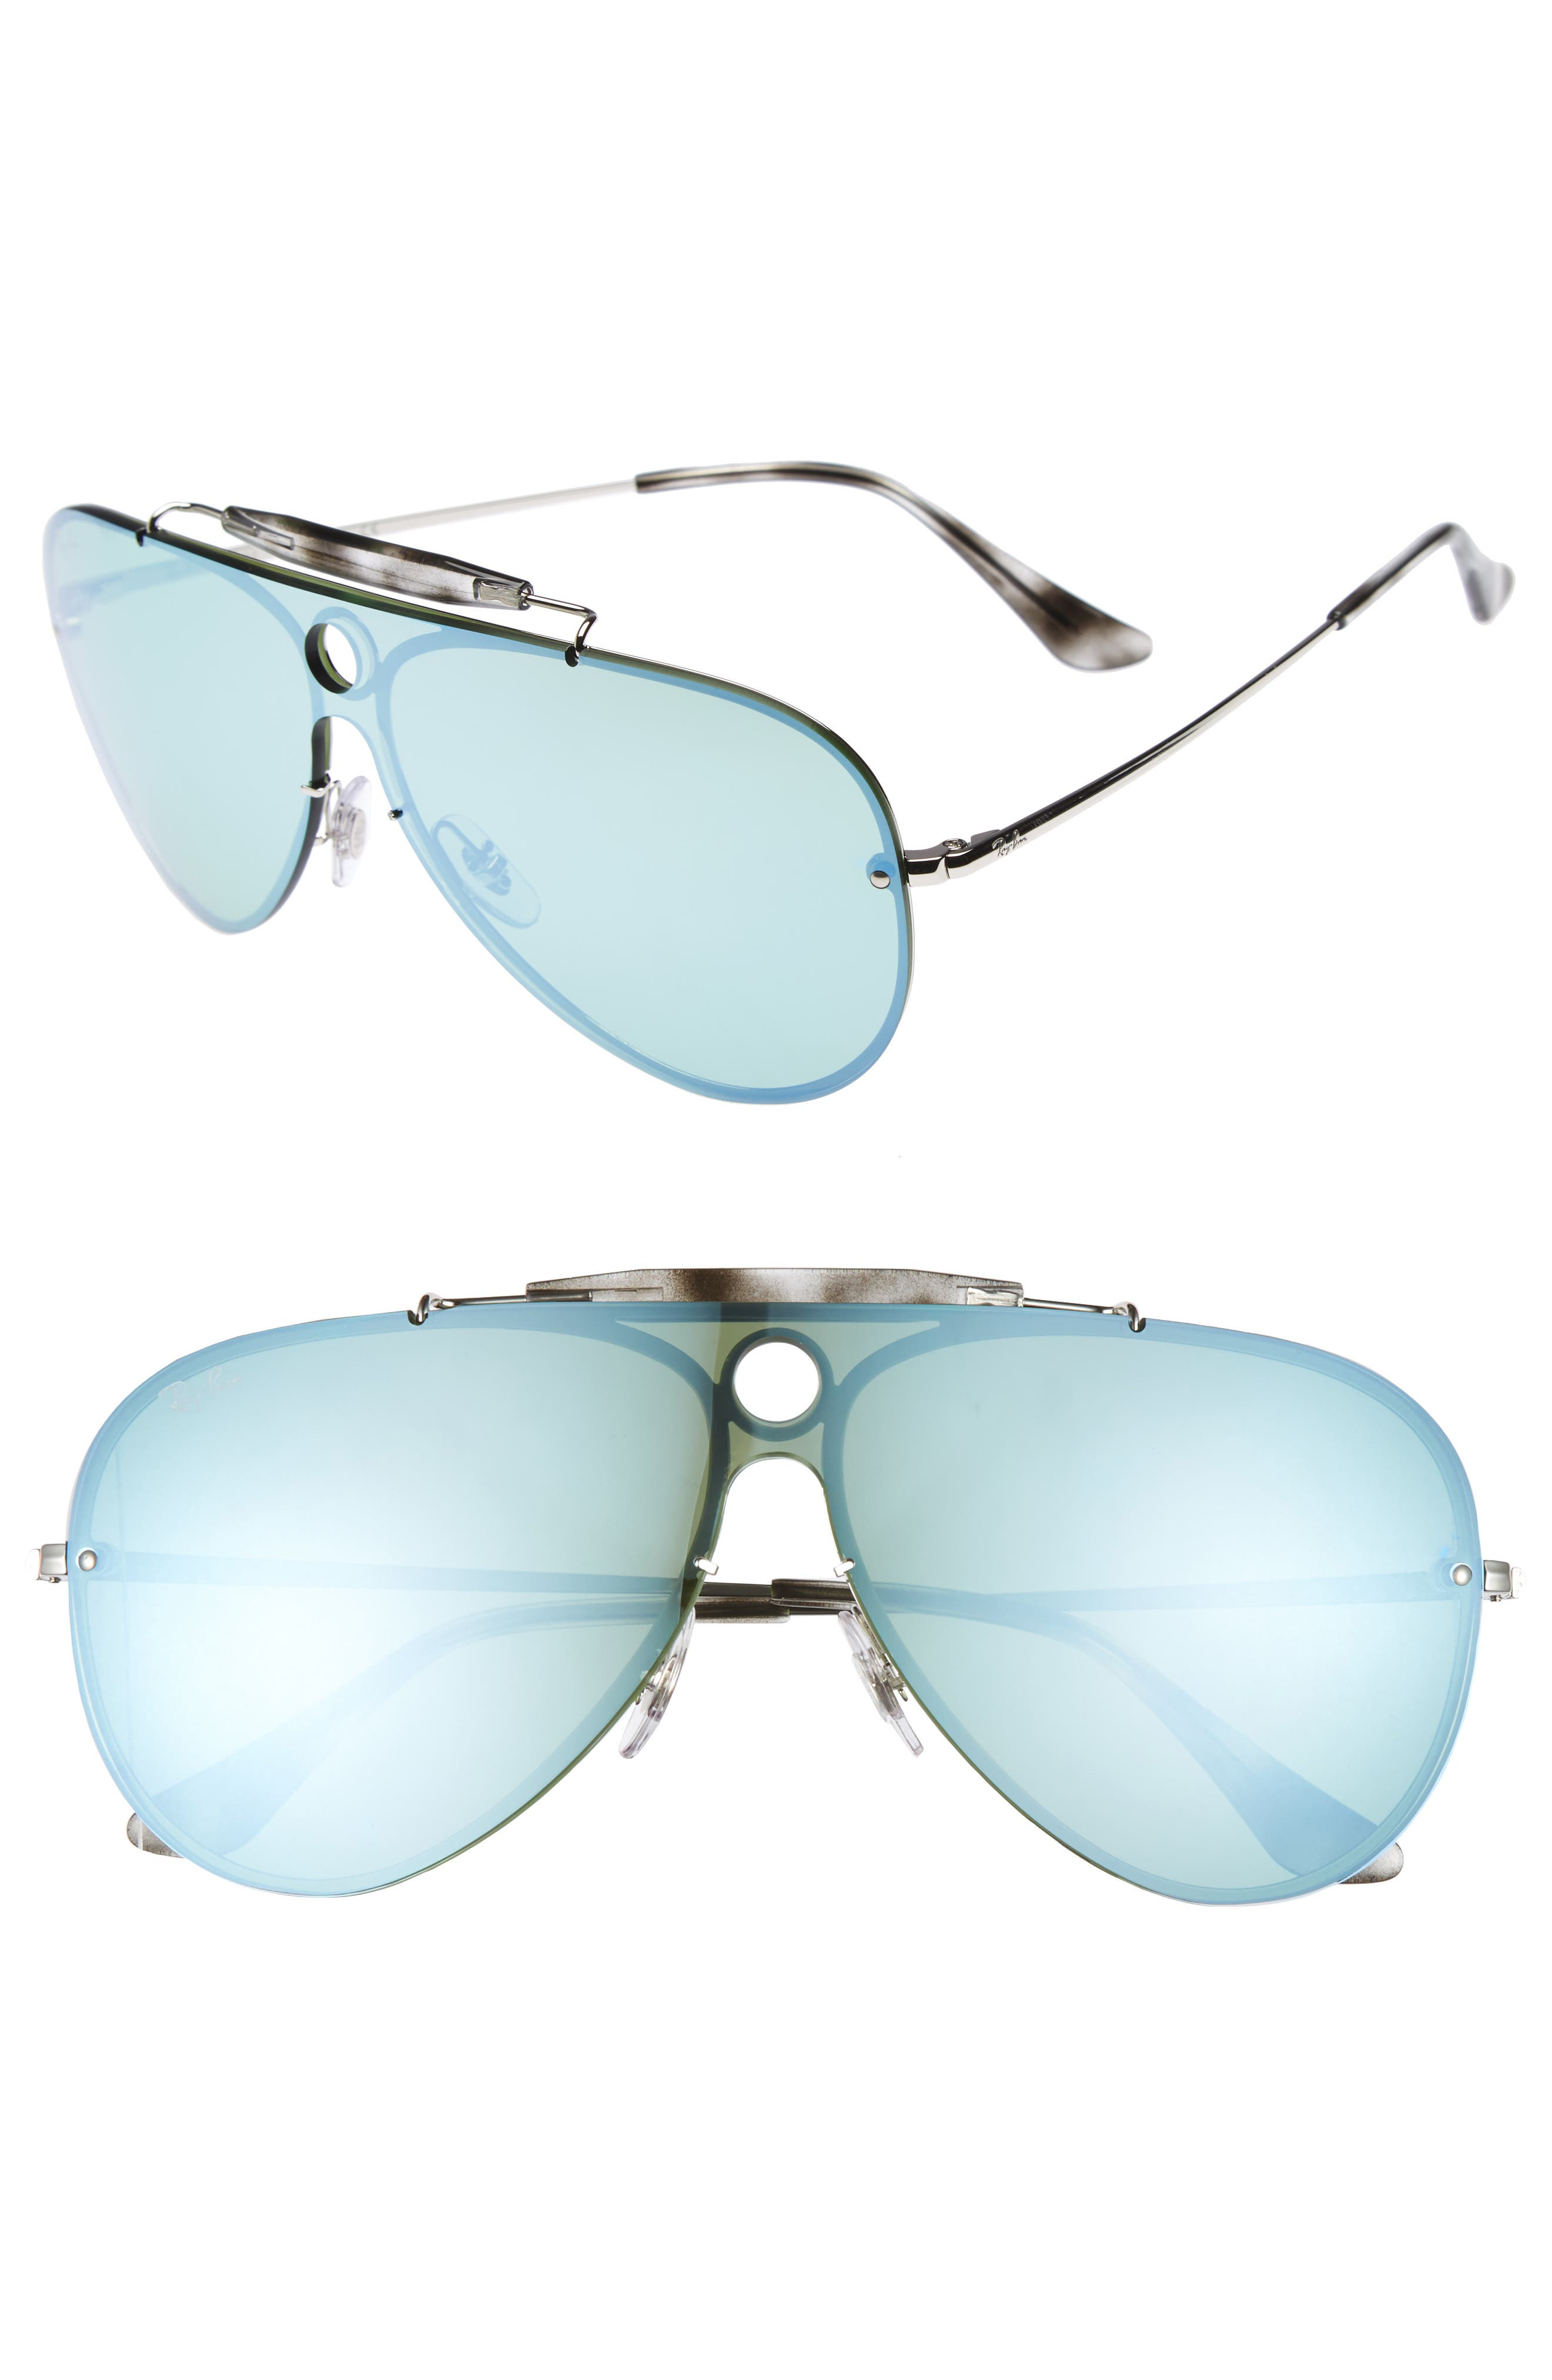 Aviator Shield Sunglasses,                         Main,                         color, Green Mirror